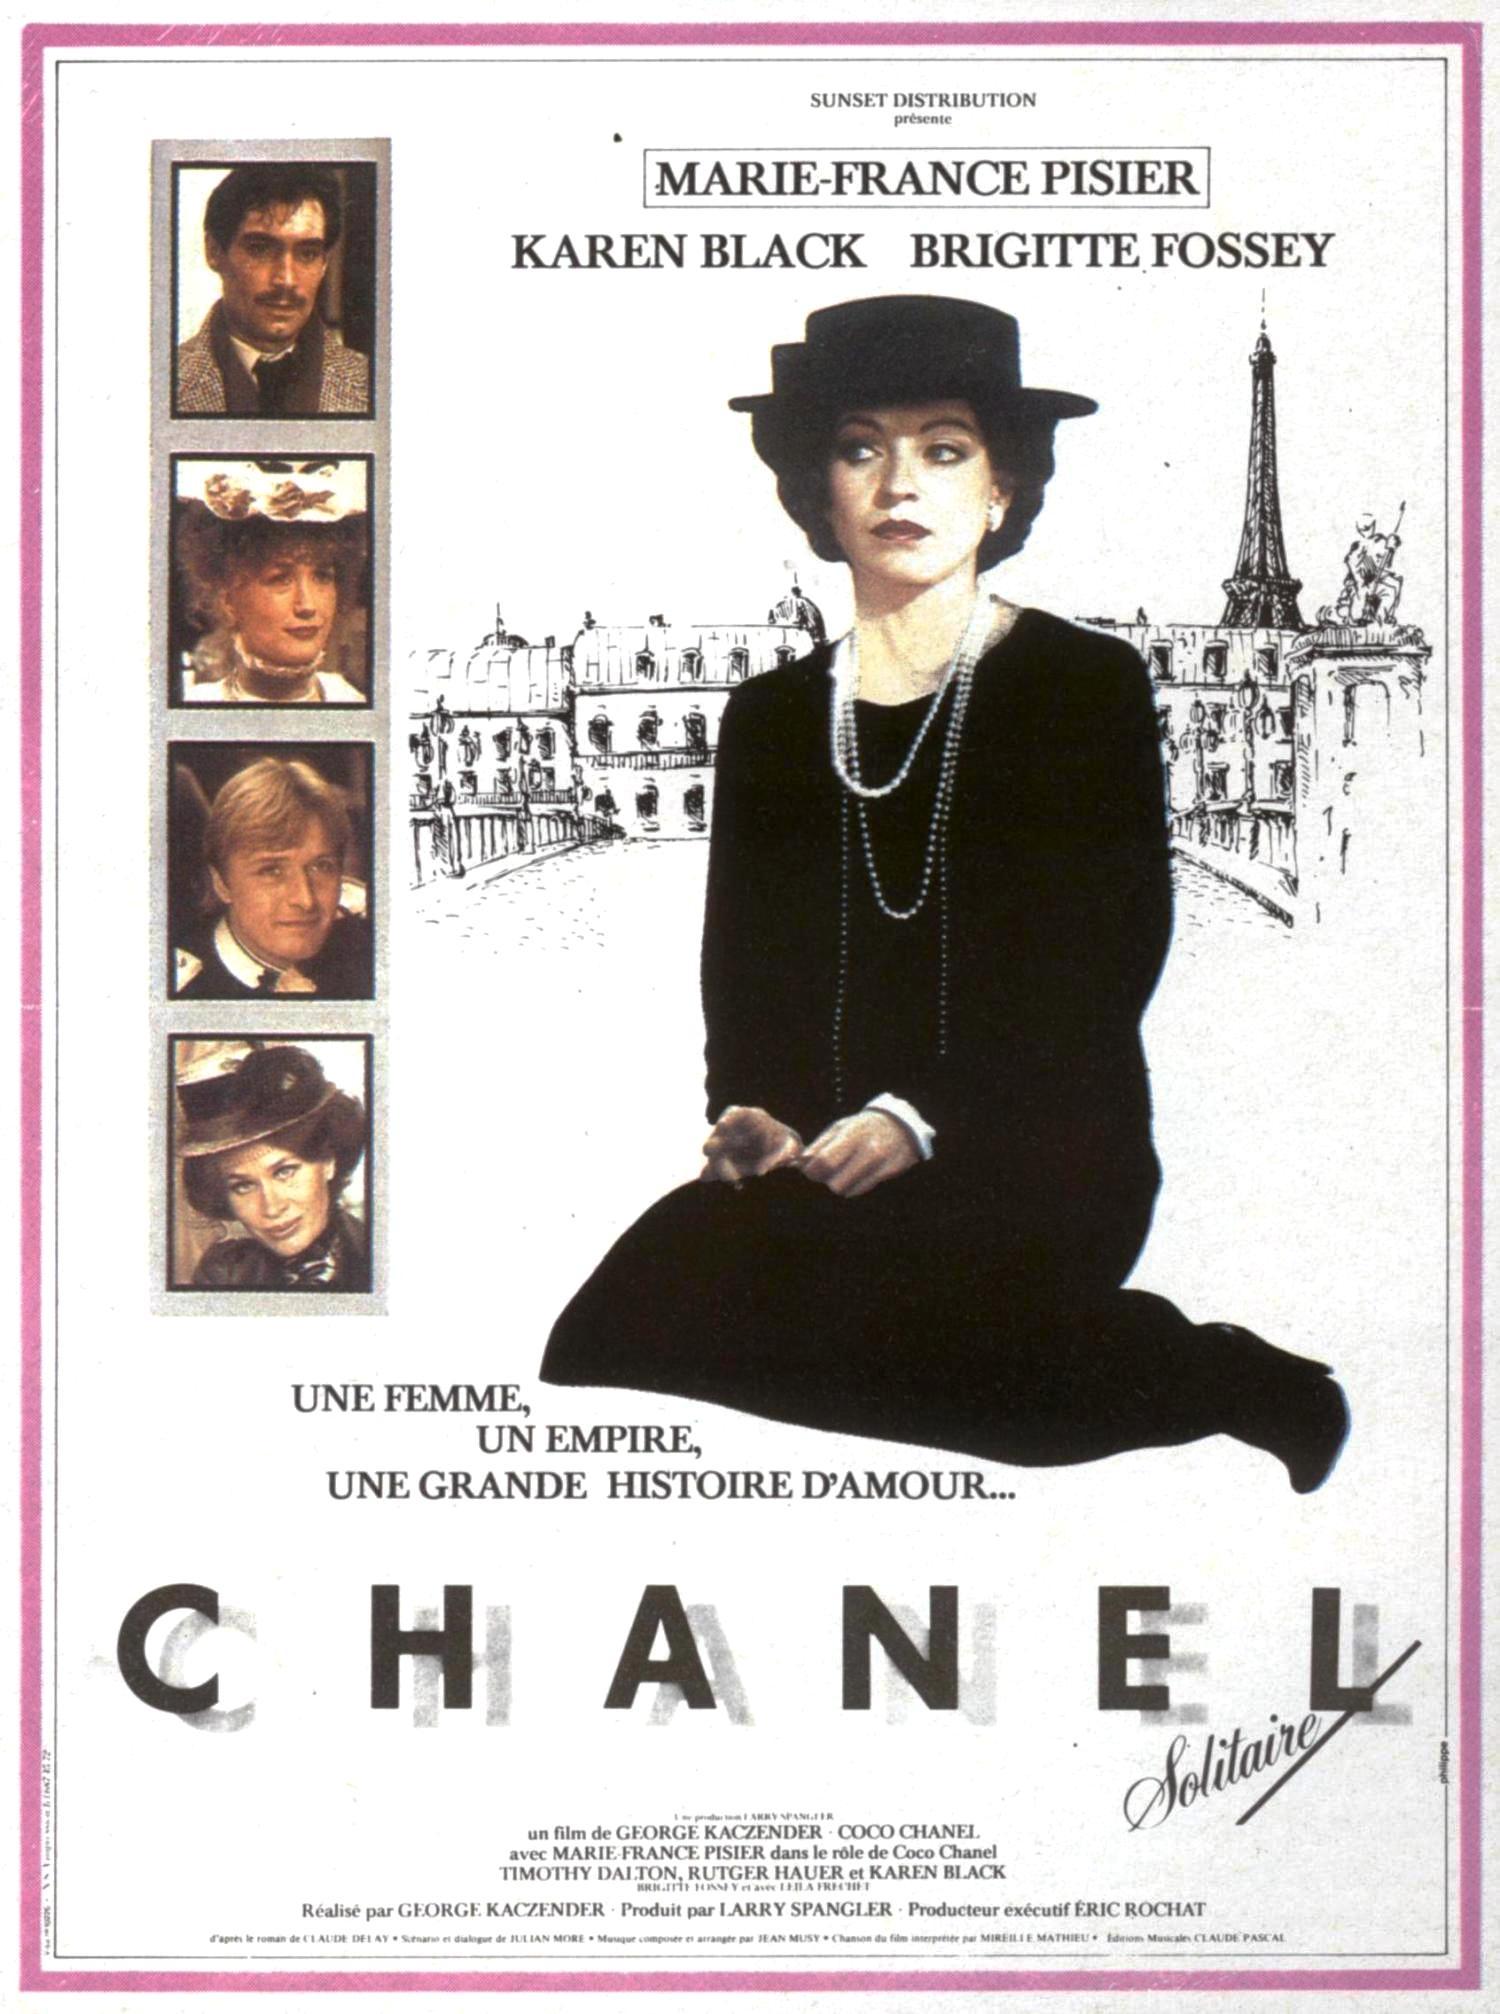 affiche du film Chanel solitaire